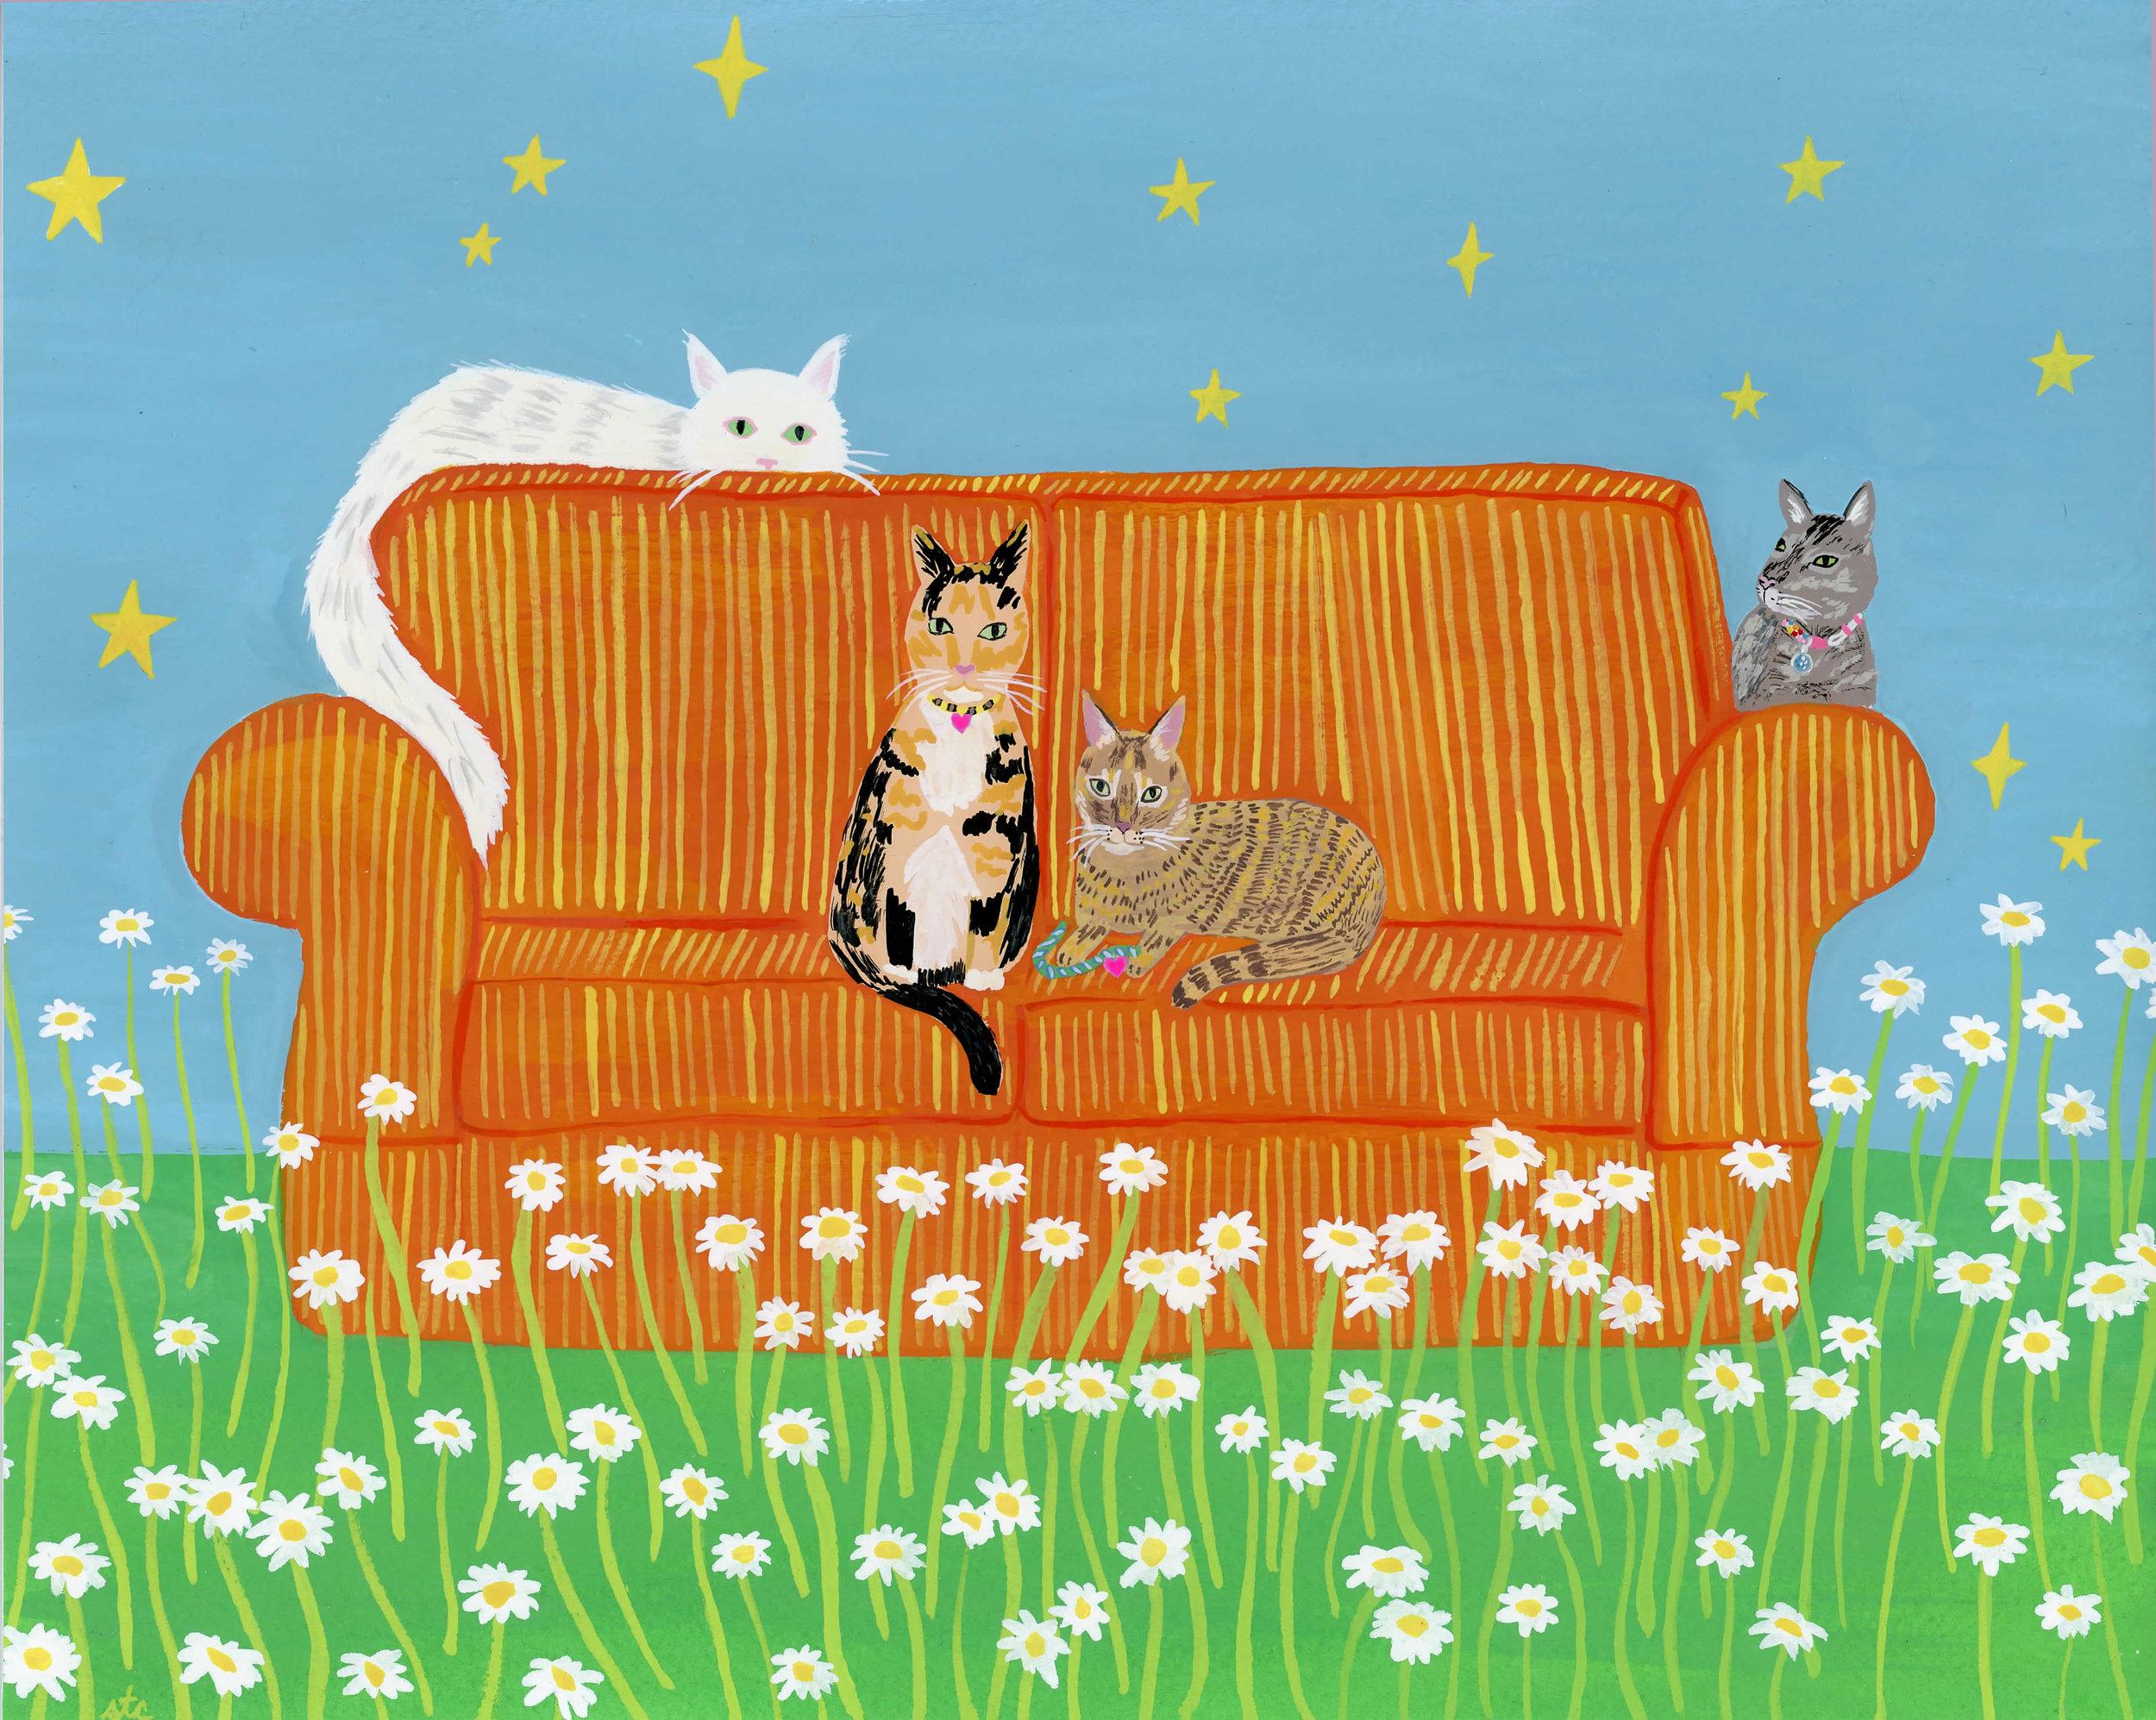 zabby cat portrait